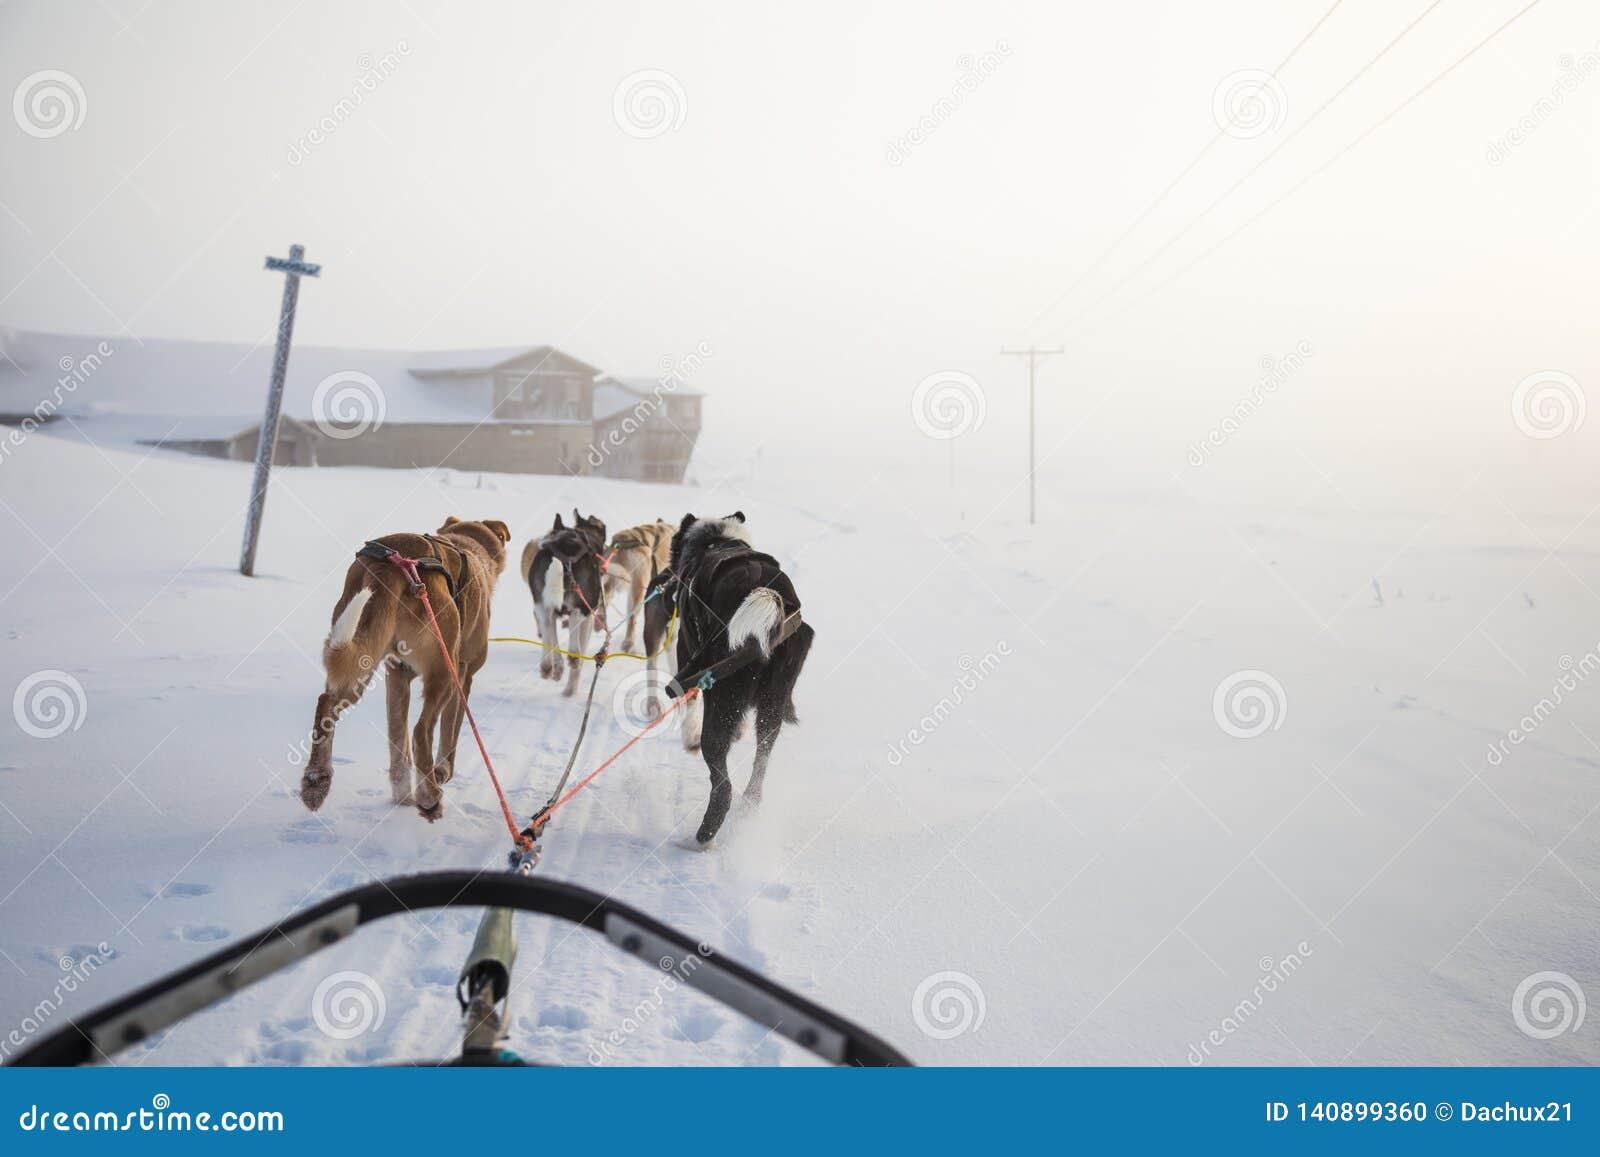 Uns seis cães bonito chovem canivetes puxar um trenó Imagem tomada do assento na perspectiva do trenó Divertimento, esporte de in